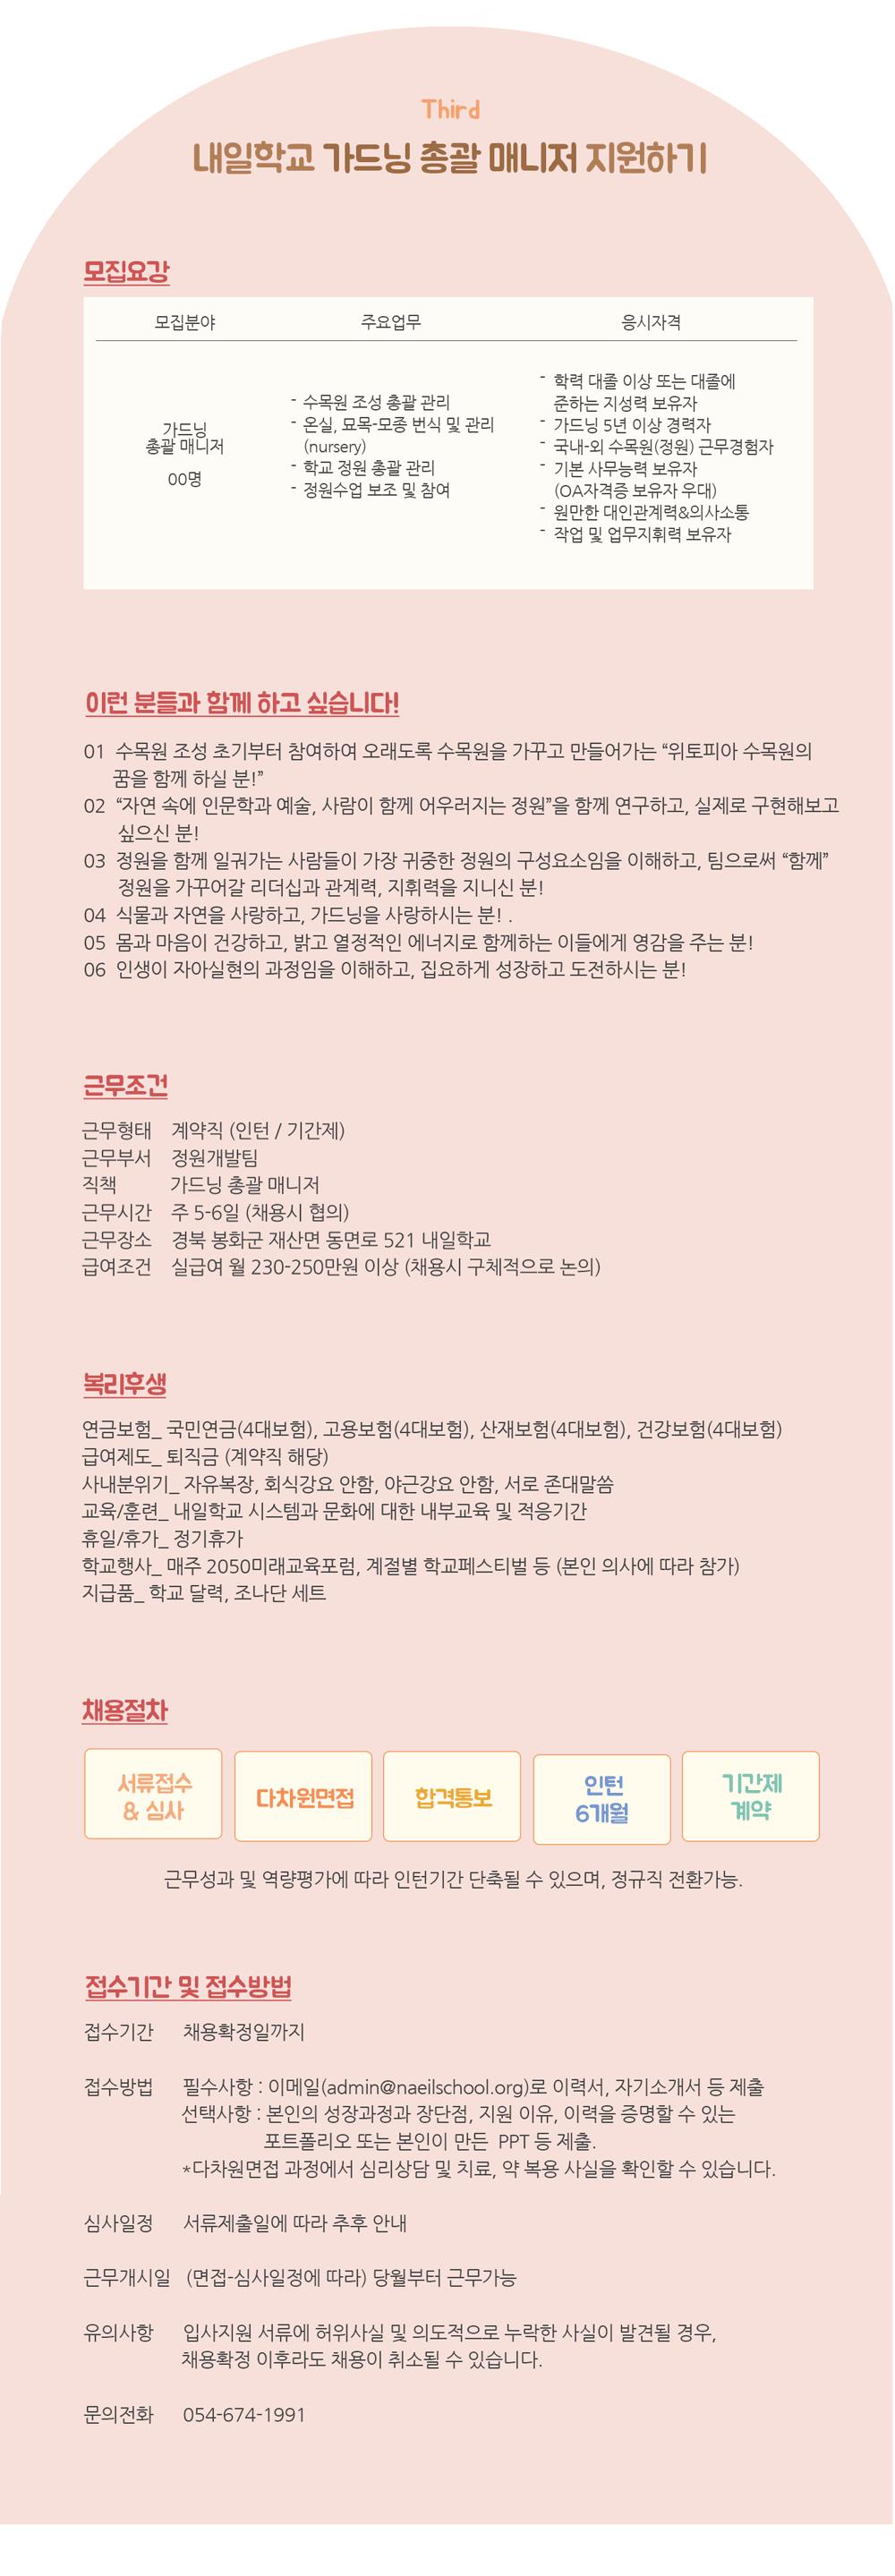 내일학교-채용공고_가드너-2.png